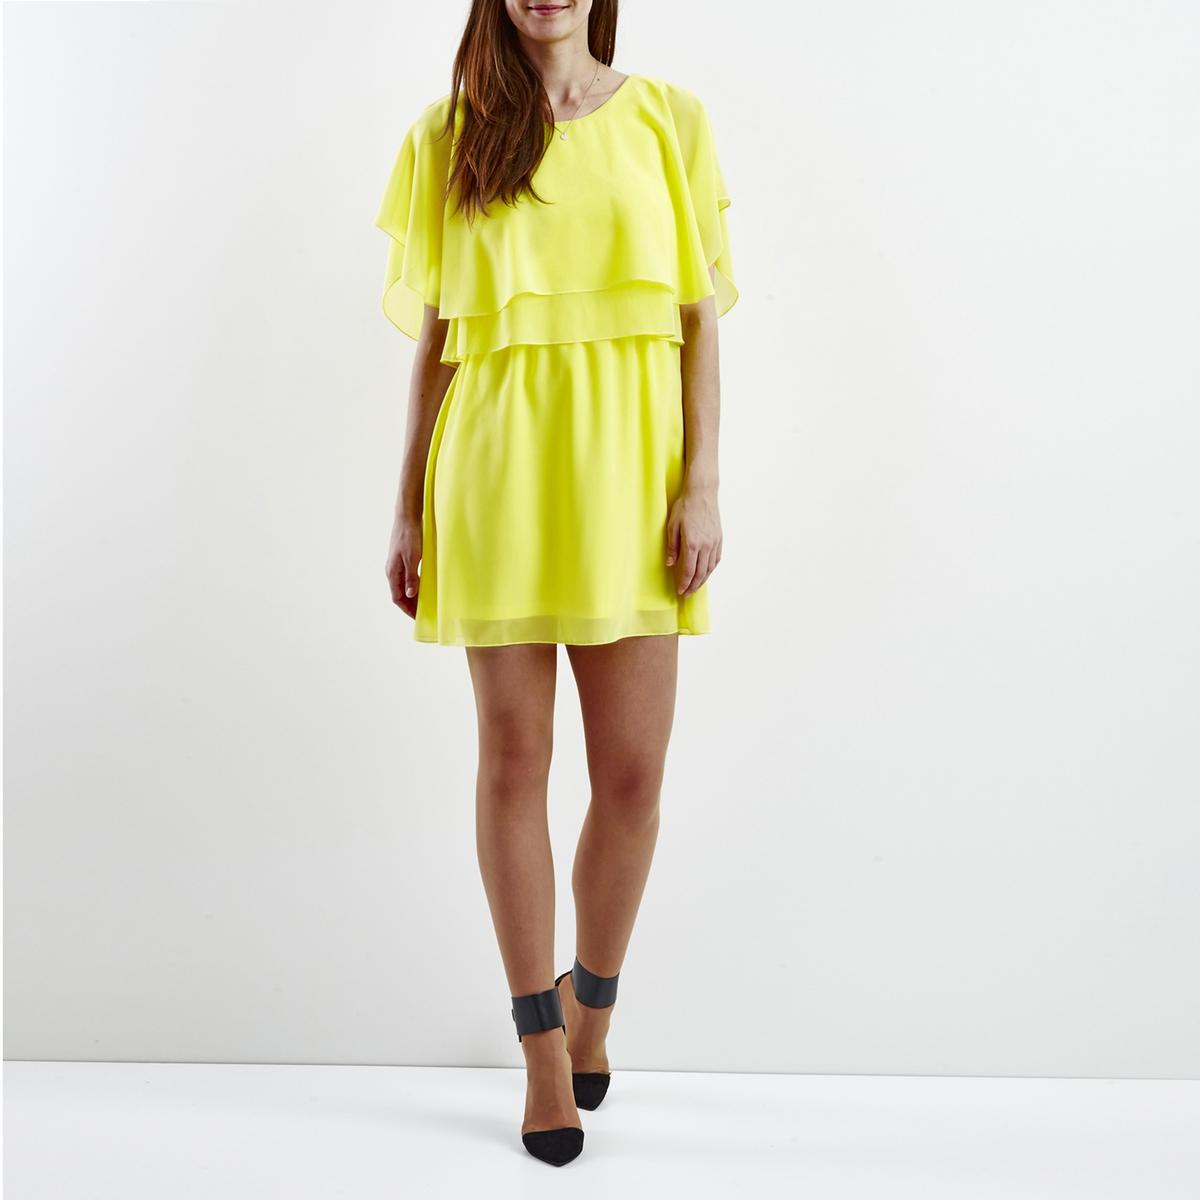 Платье короткое с короткими рукавамиДетали •  Форма : МИНИ •  короткое •  Короткие рукава    •   V-образный вырезСостав и уход •  100% полиэстер  •  Следуйте советам по уходу, указанным на этикетке<br><br>Цвет: желтый,коралловый,черный